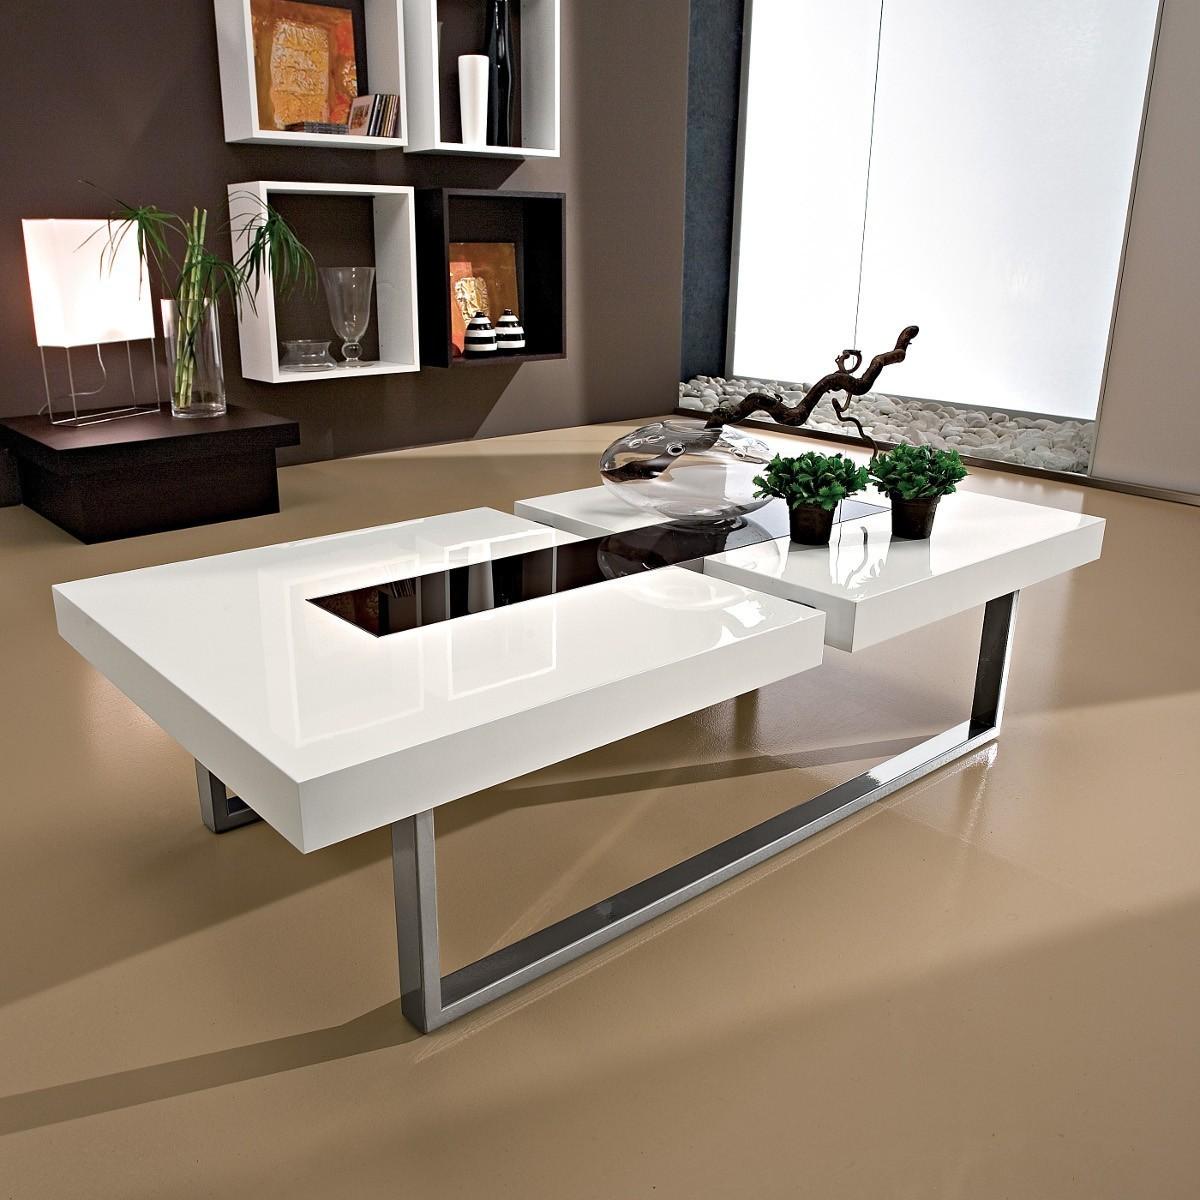 Tavolini bassi salotto moderni tavolini da soggiorno in vetro - Epierre